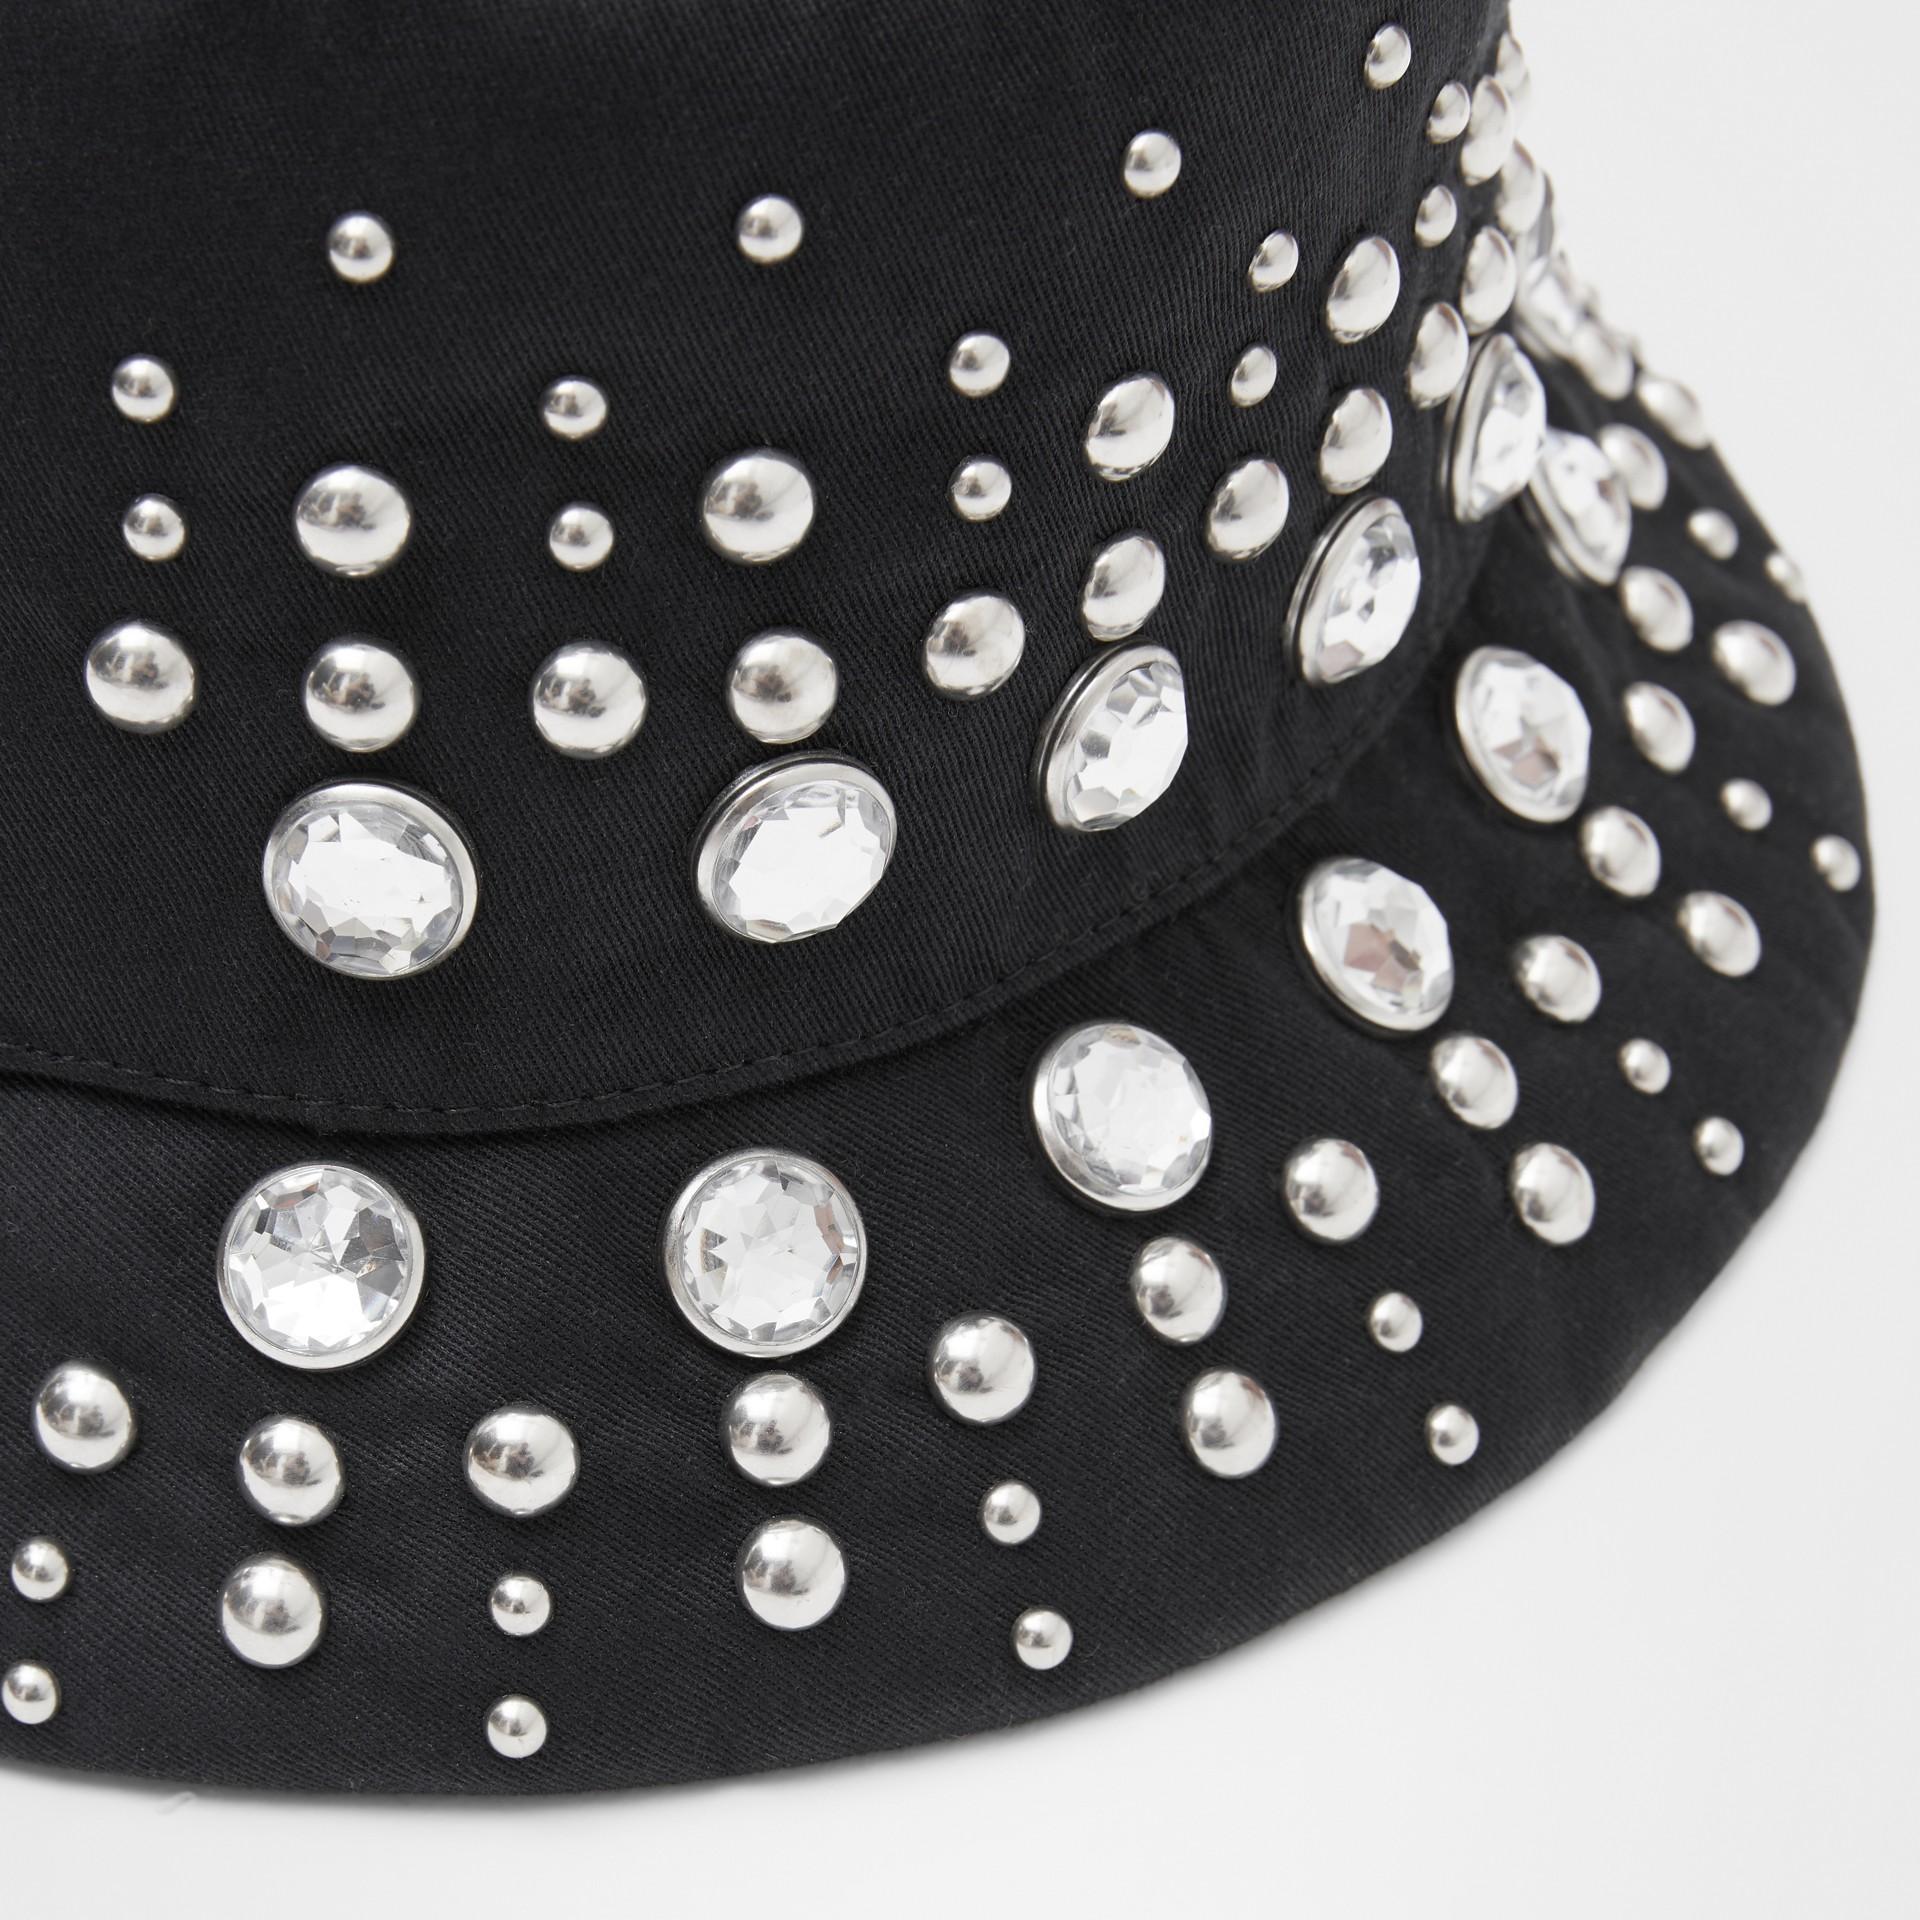 裝飾細節棉質斜紋漁夫帽 (黑色) | Burberry - 圖庫照片 1